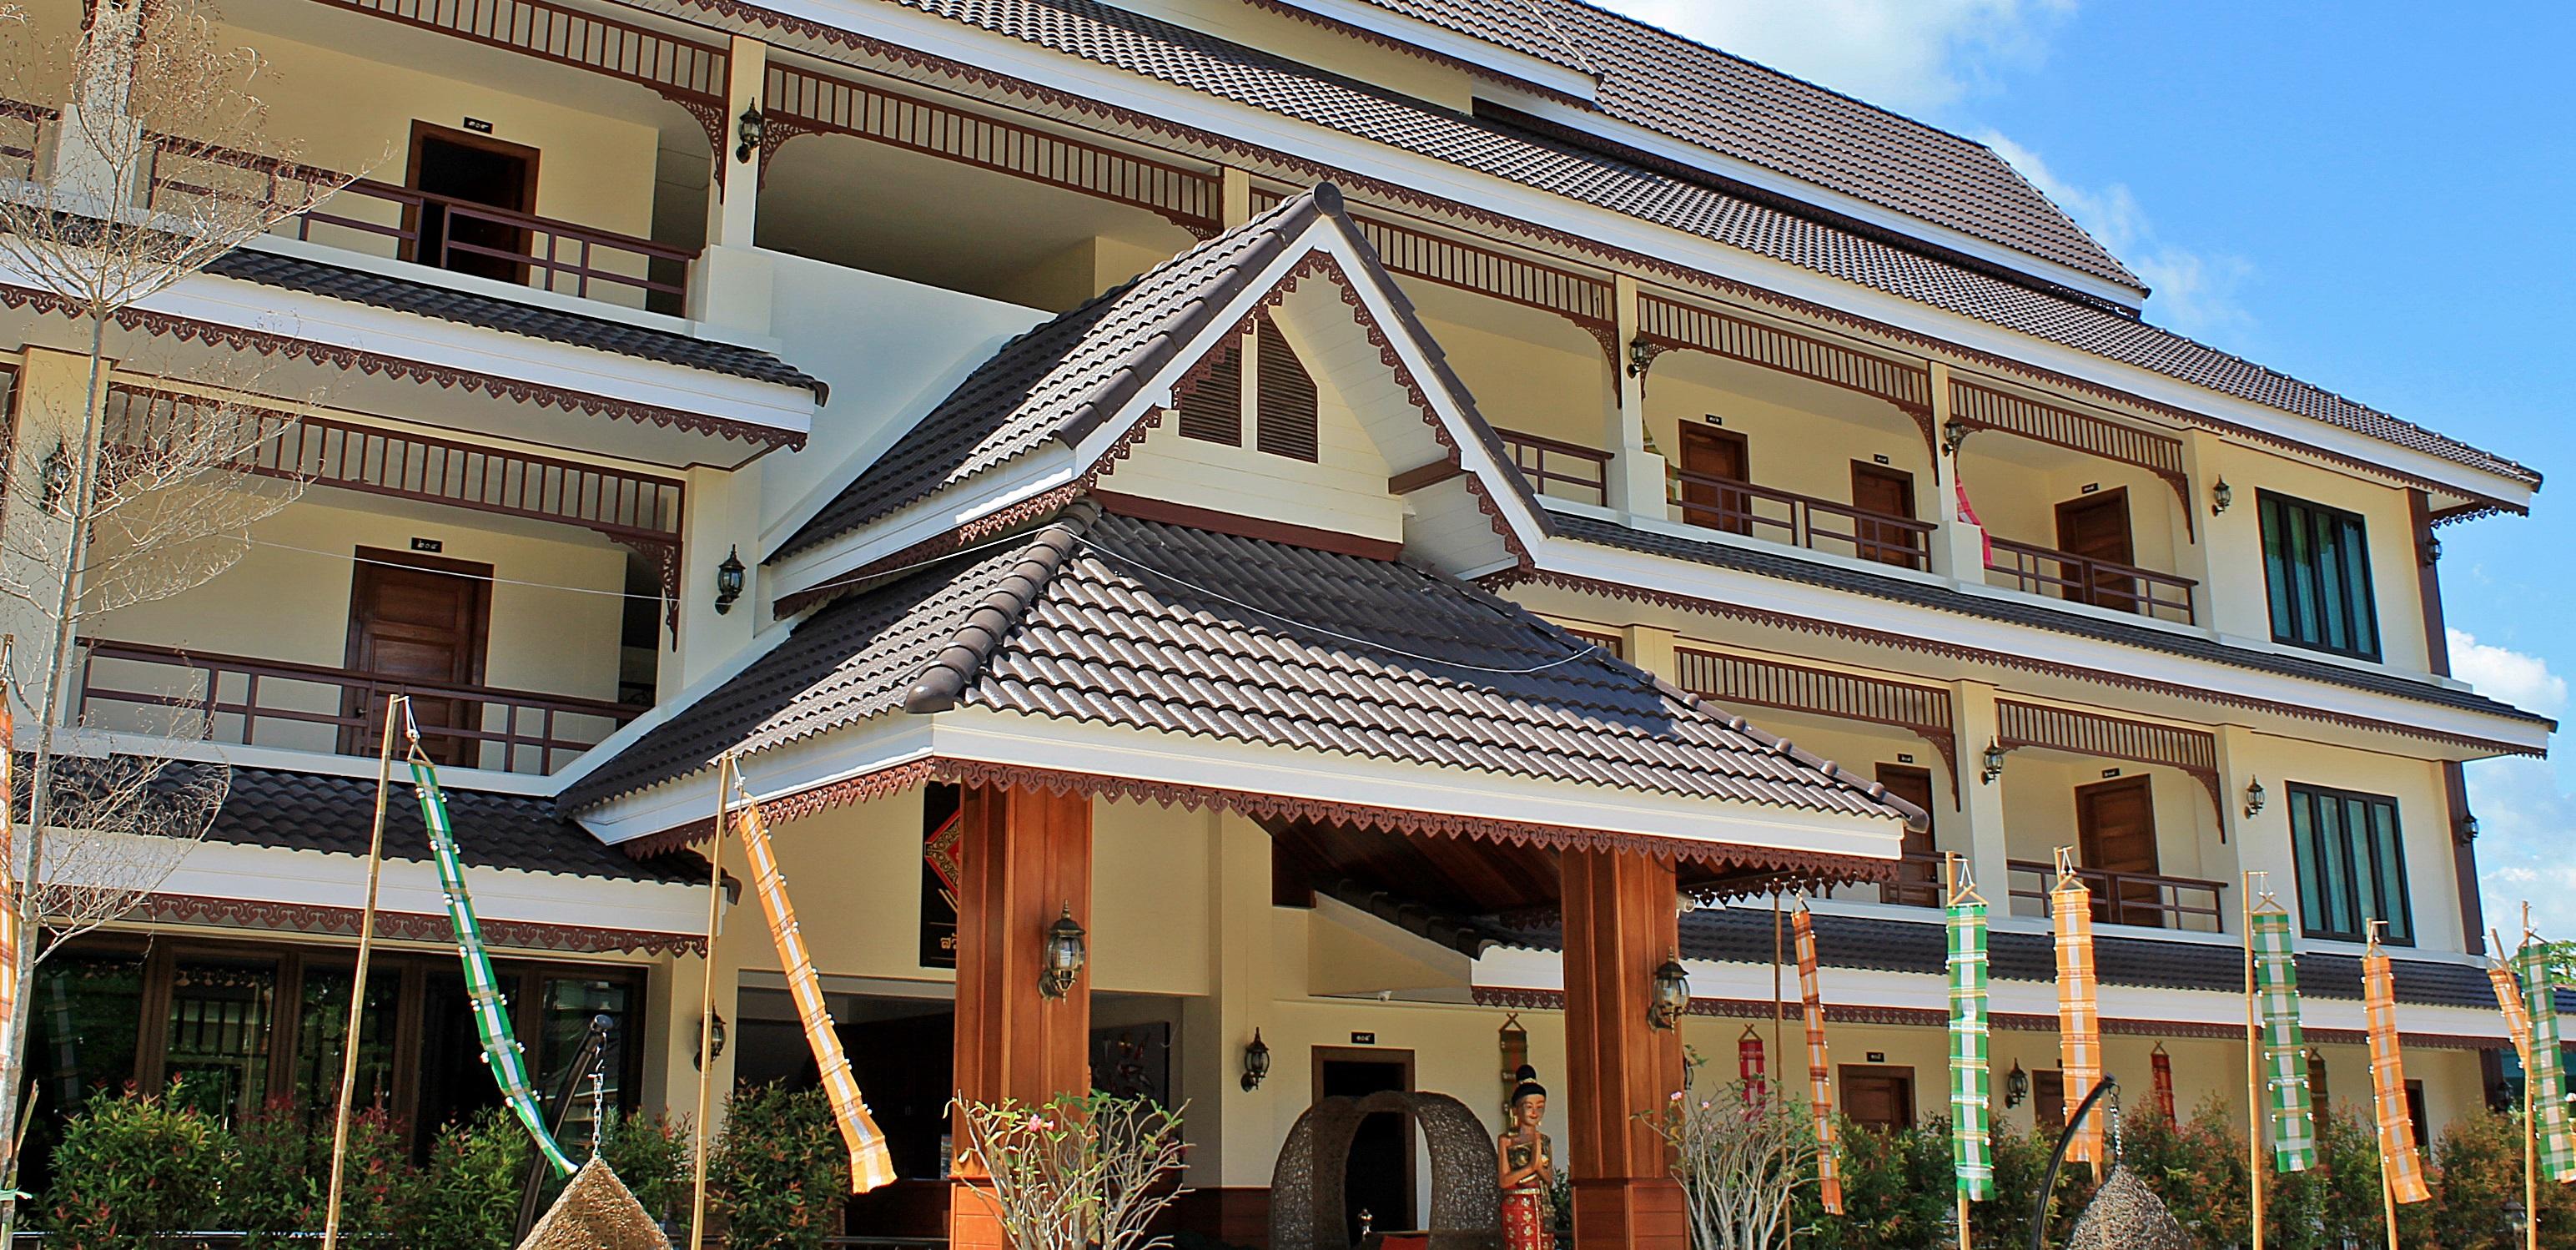 Sawadee Lanna Hotel